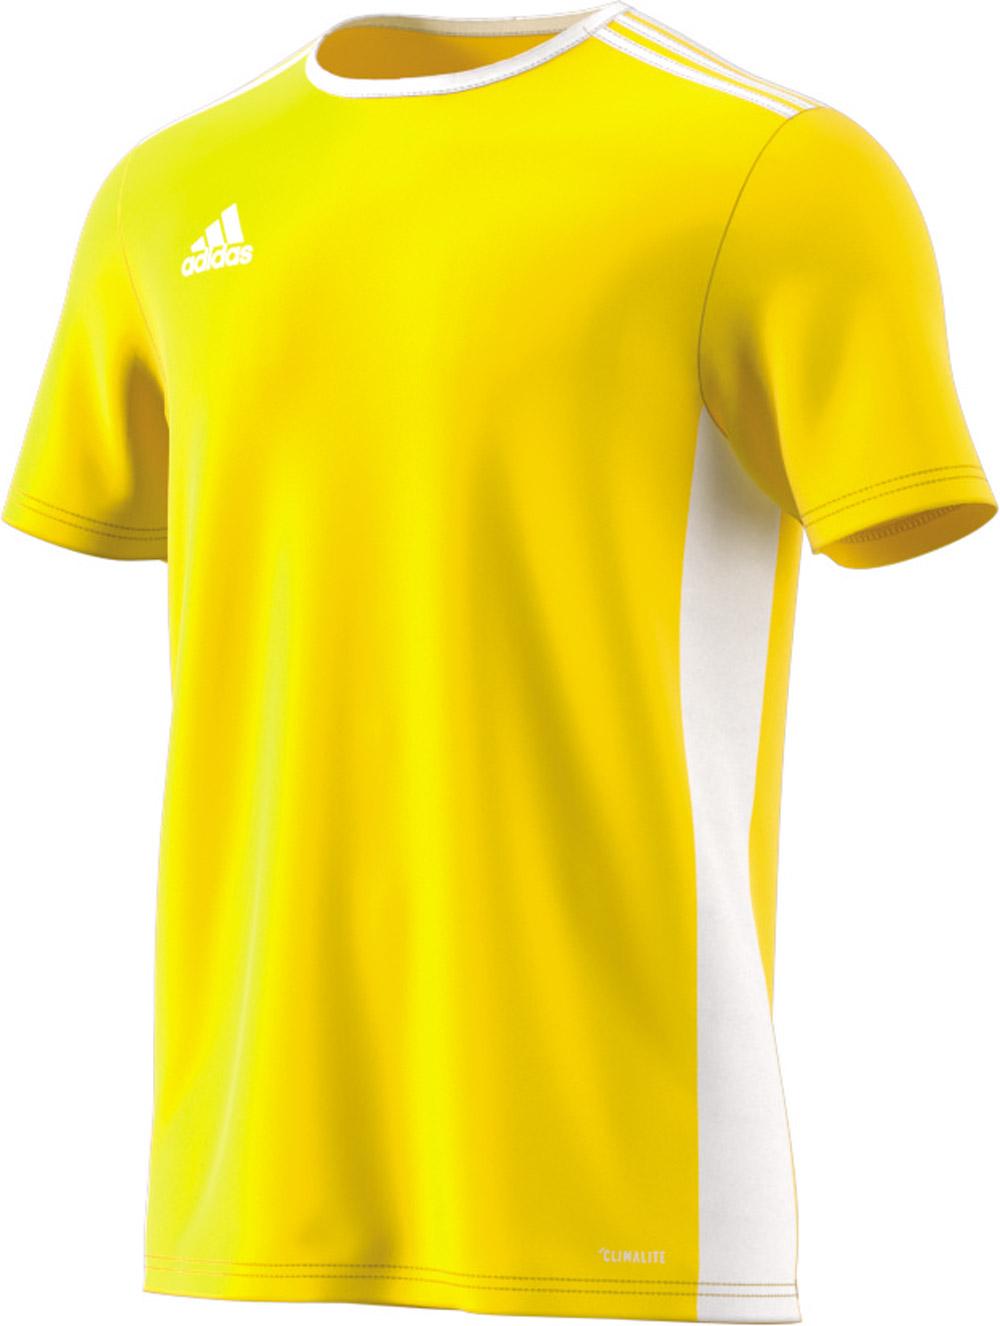 Herren Trainingsshirt, YELLOW/WHITE, XXL